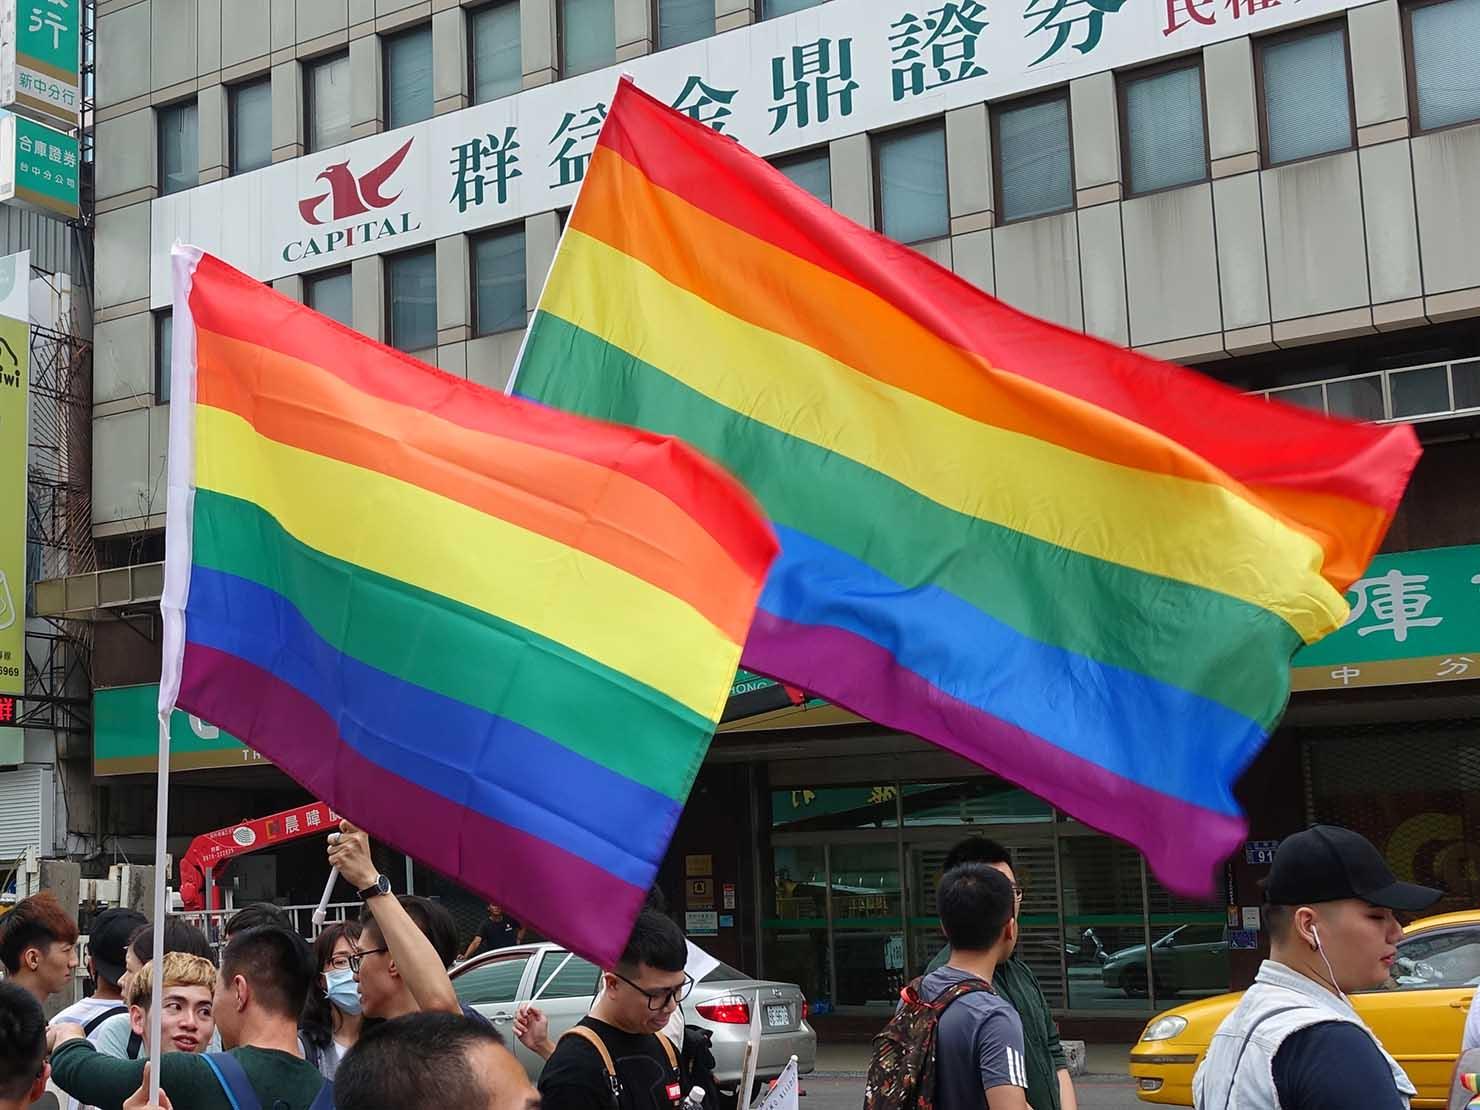 台中同志遊行(台中LGBTプライド)2018パレードで掲げられるレインボーフラッグ